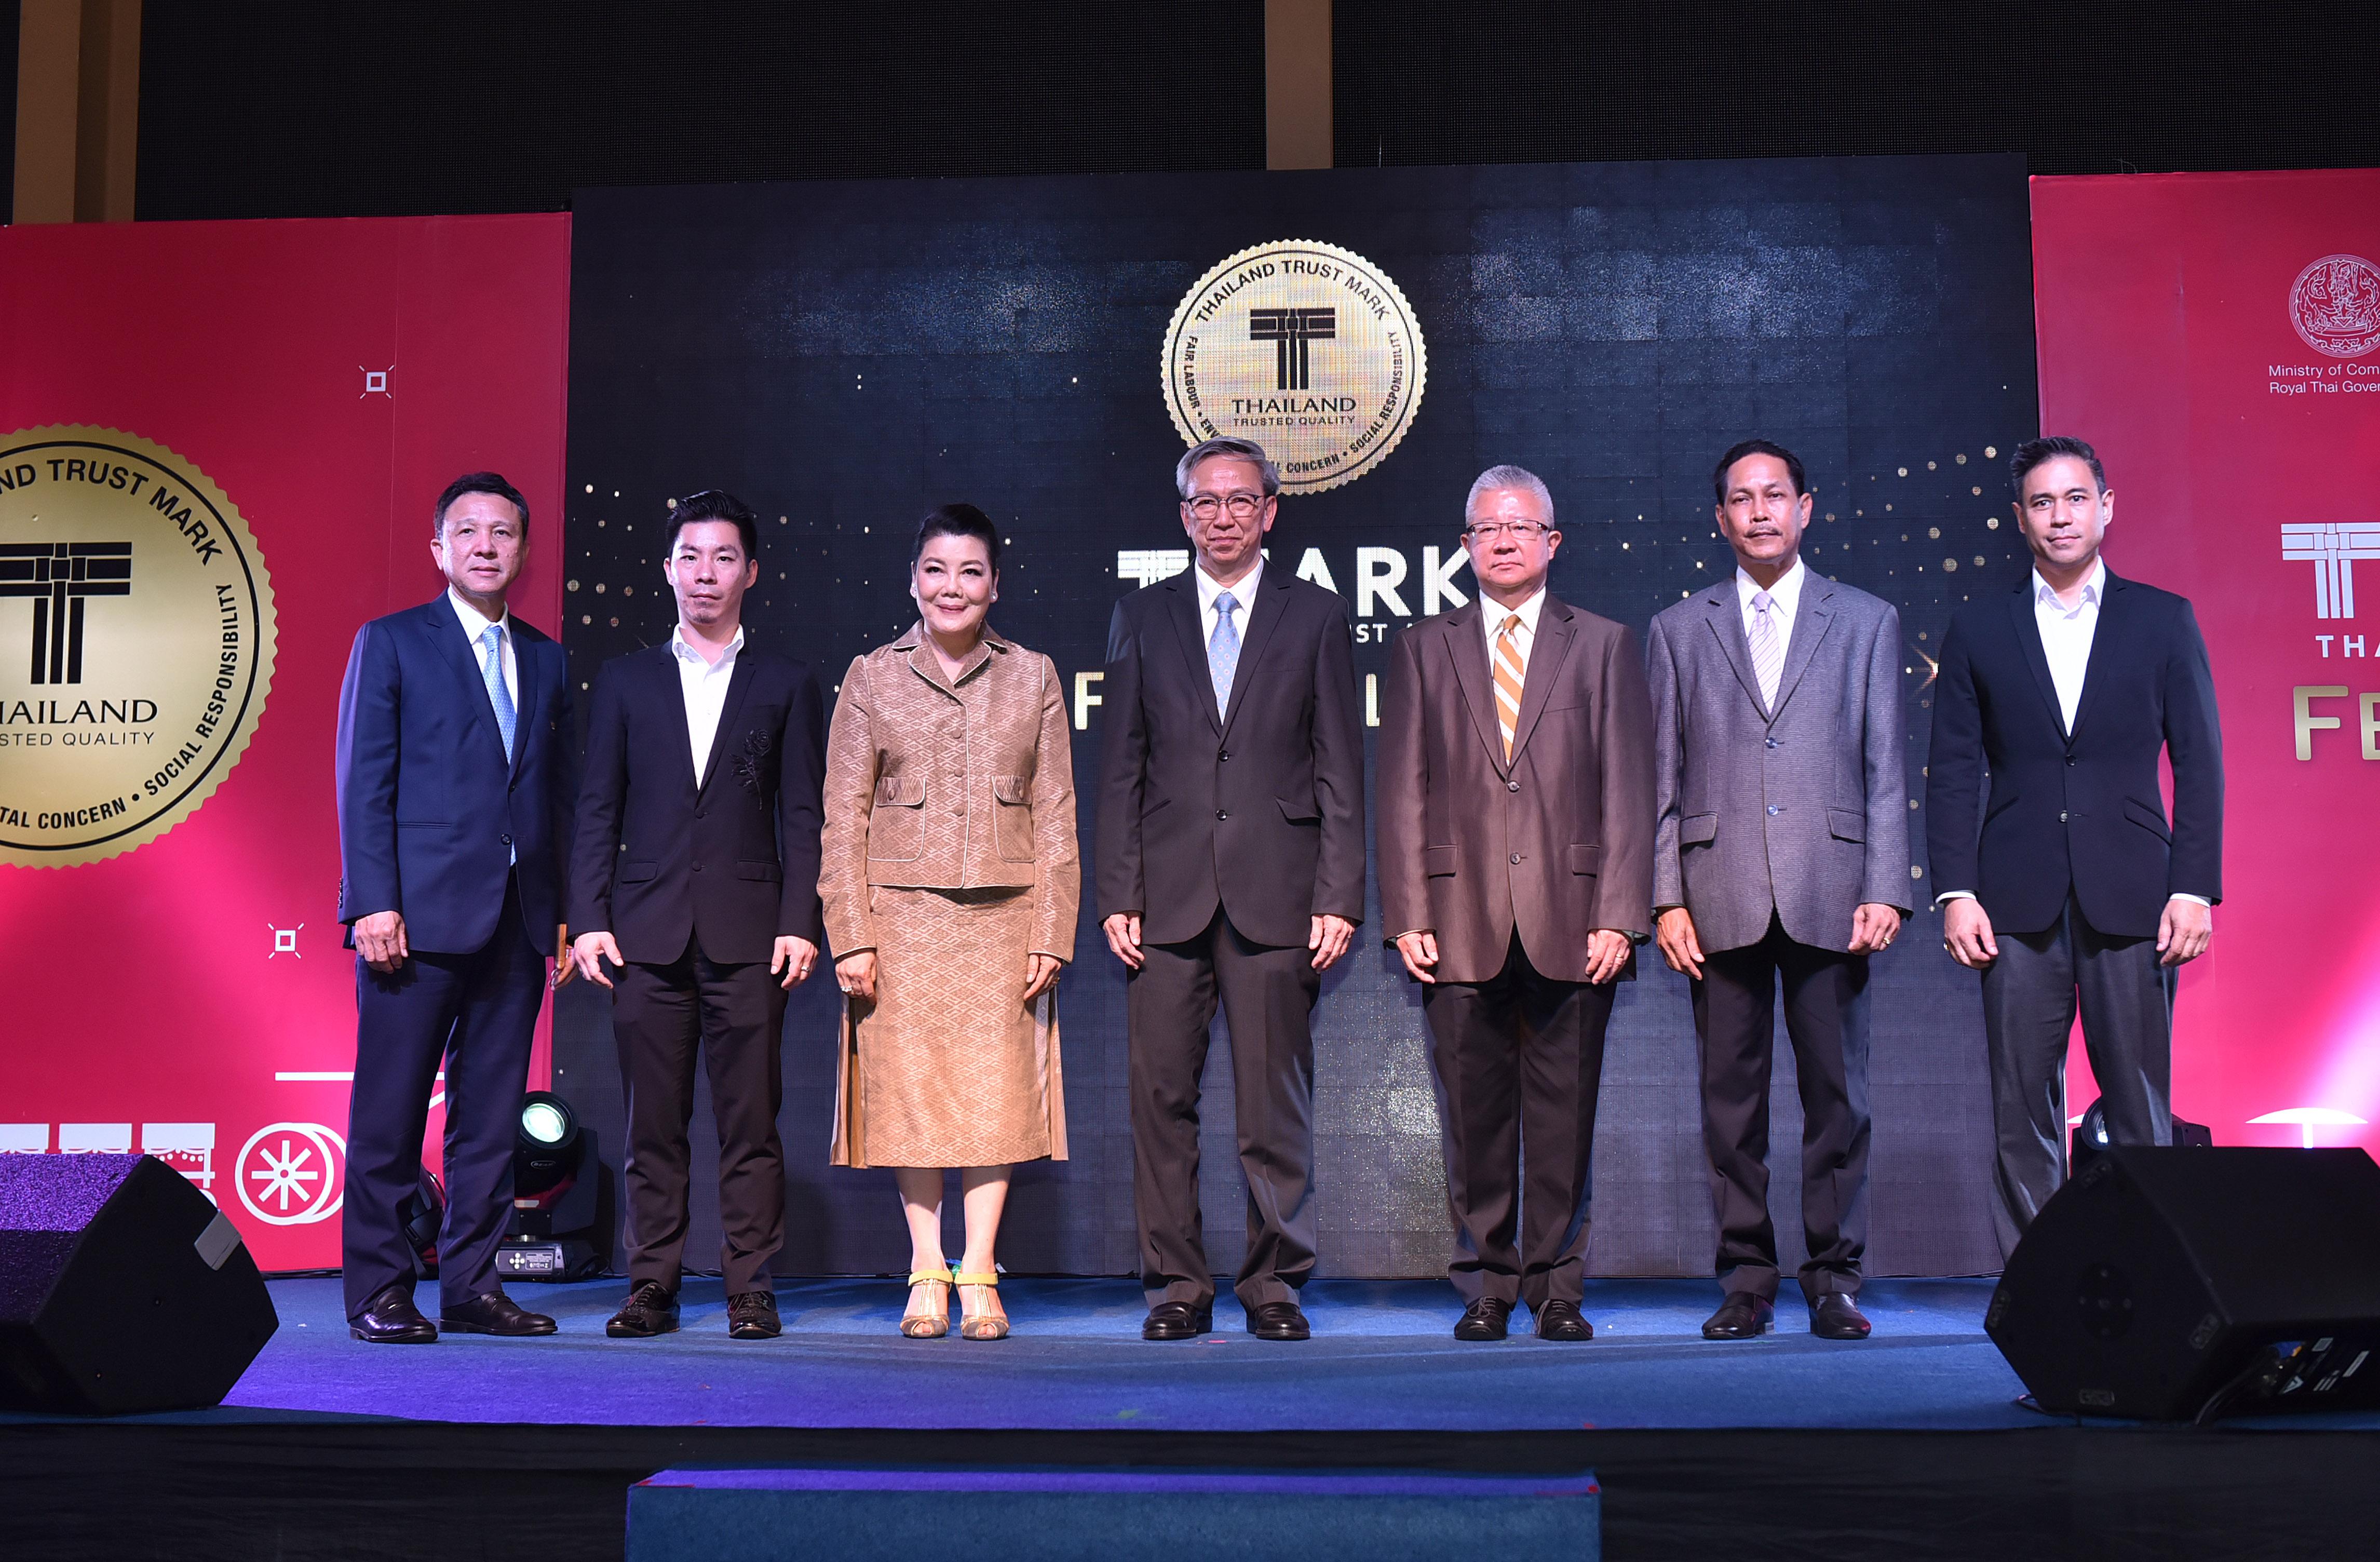 กระทรวงพาณิชย์ จับมือ กลุ่มบริษัท คิง เพาเวอร์ จัดงาน T Mark Festival 2018